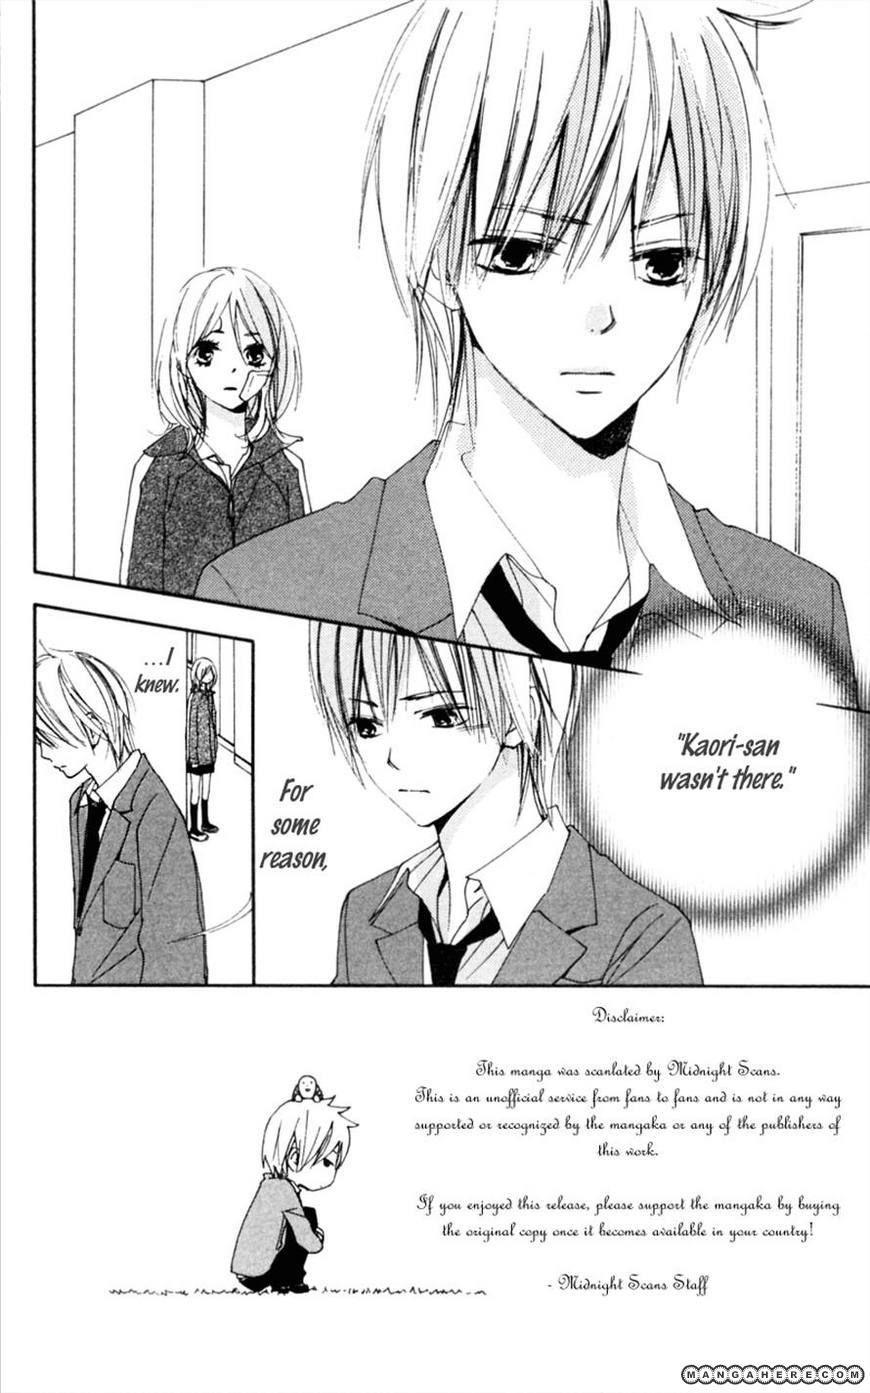 Bokura wa Itsumo 16 Page 2